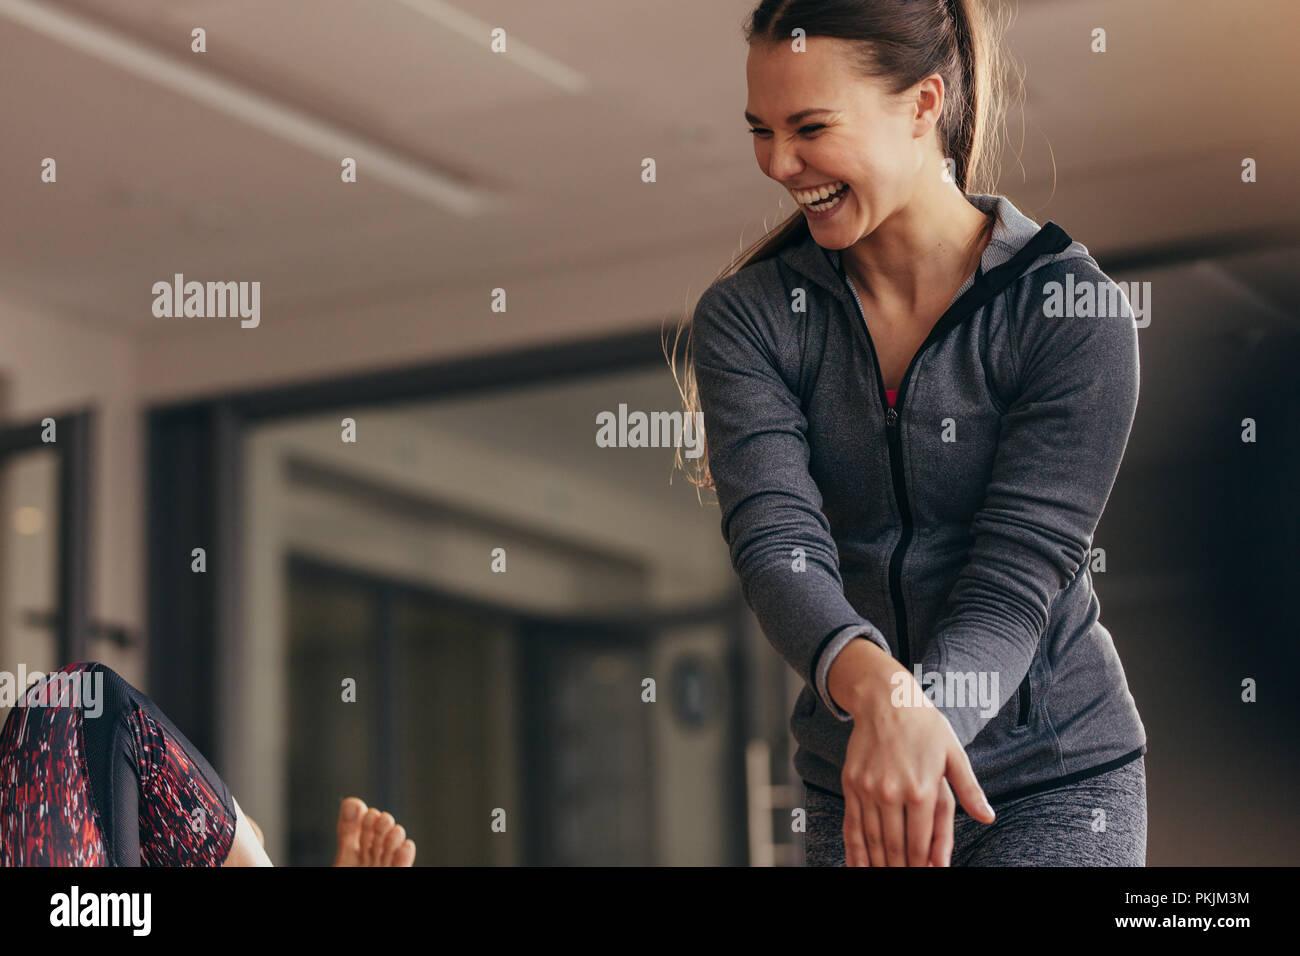 Weibliche trainer Führung Frau während der Pilates Training in einem Fitnessstudio. Weibliche pilates Instructor lachen während der Ausbildung Frau in ein Fitnessstudio. Stockbild